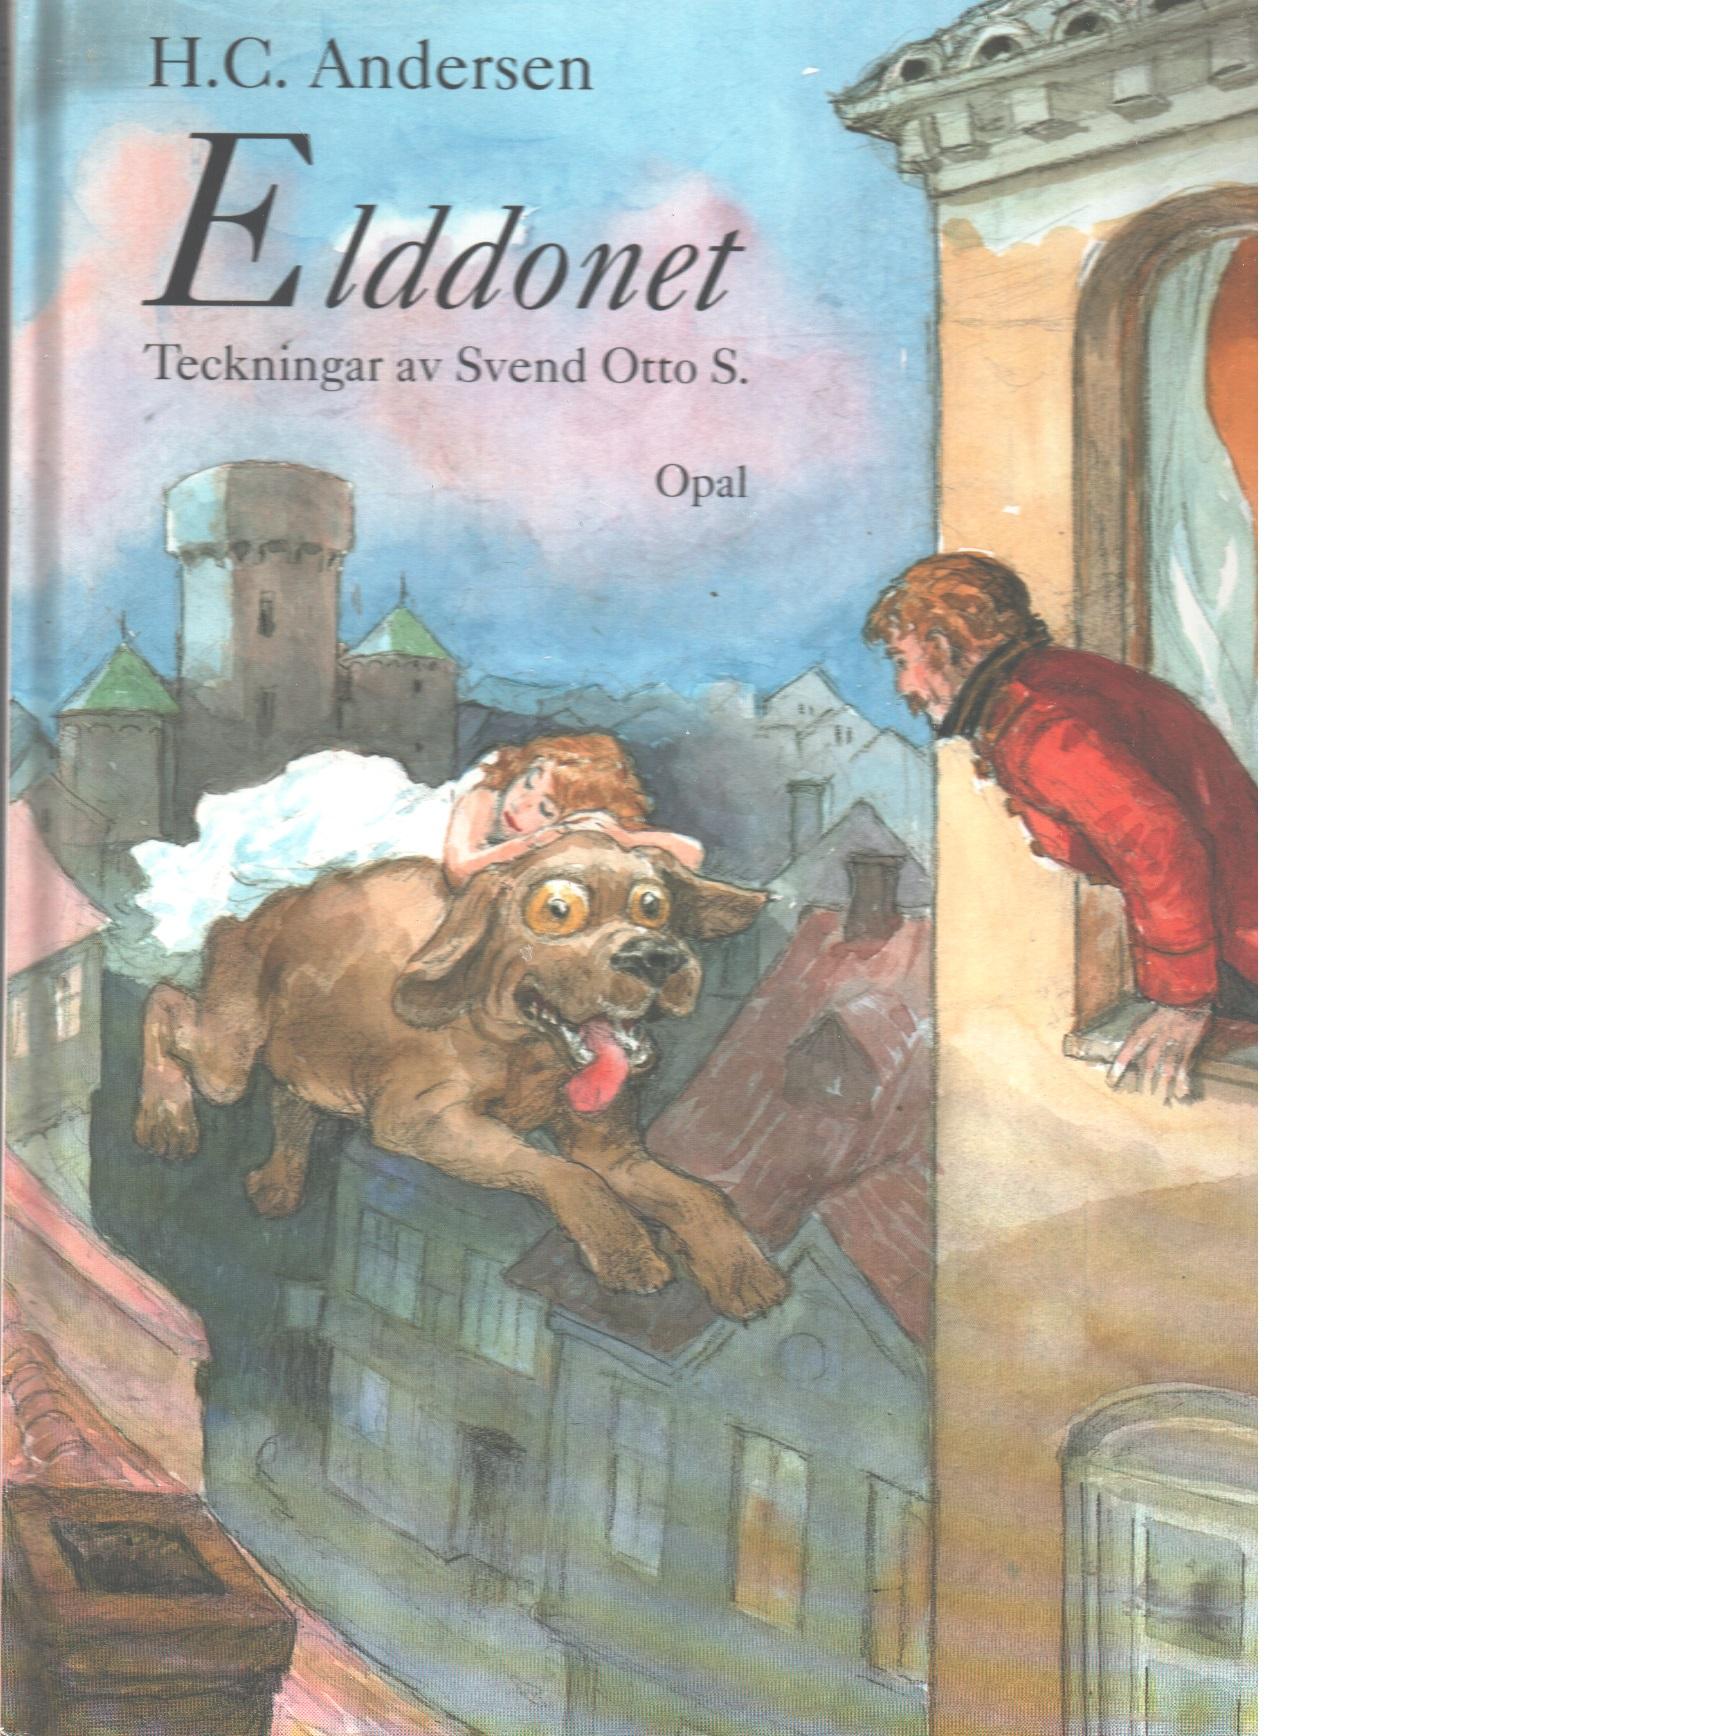 Elddonet - Andersen, H. C.,